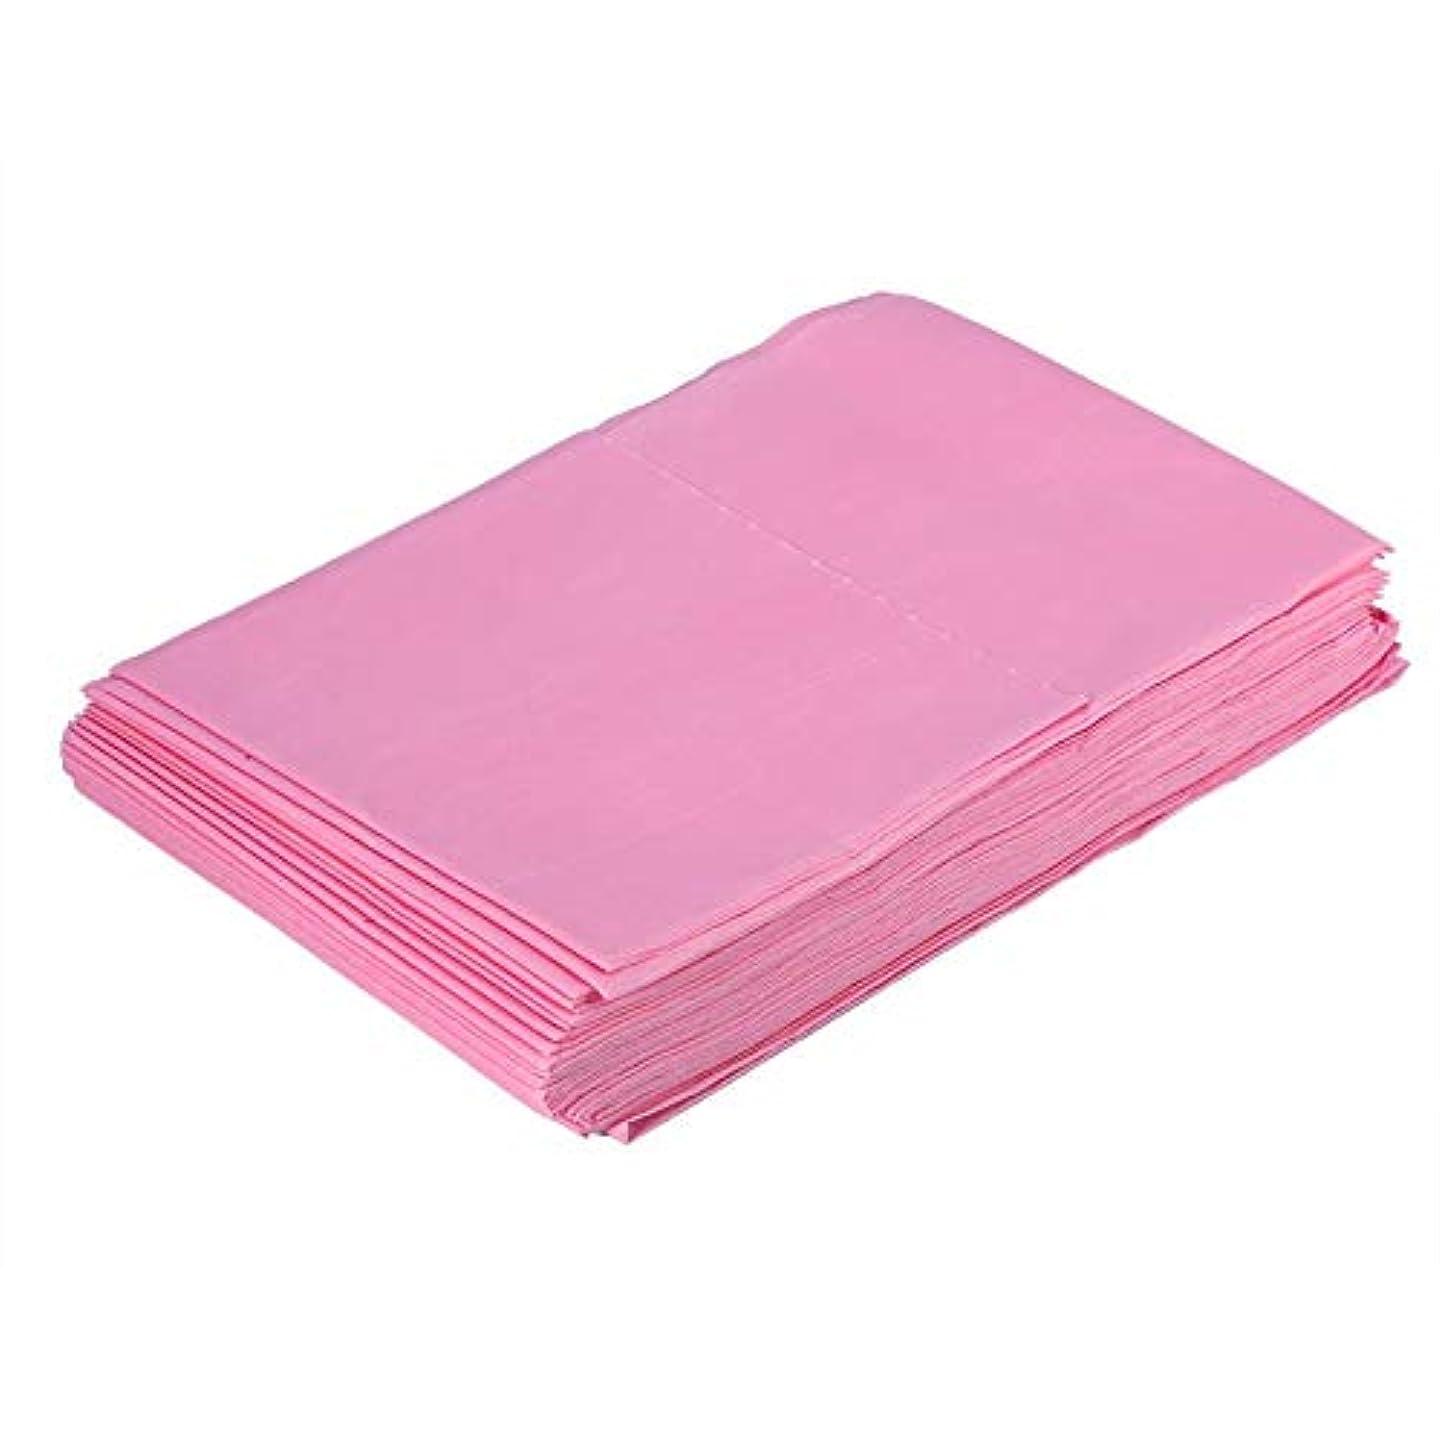 発揮する行進レキシコン使い捨て防水シーツマッサージ美容カバー(ピンク)